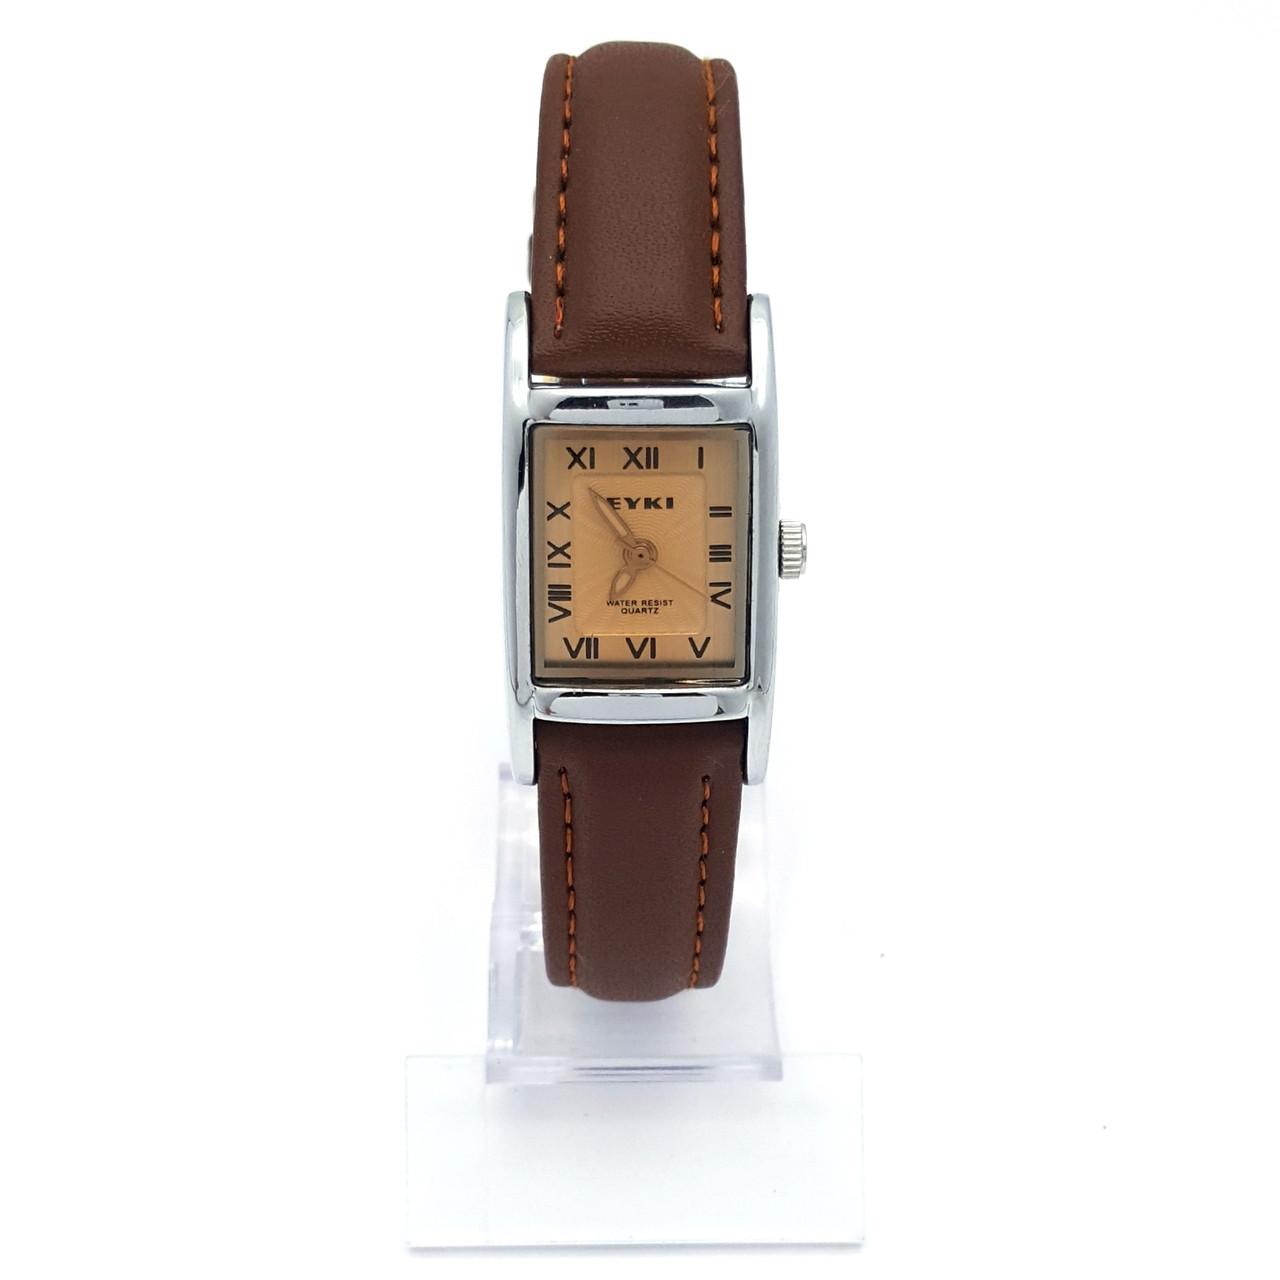 Часы EYKI под серебро, коричневый ремешок, длина 17,5-21см, циферблат 25*20мм